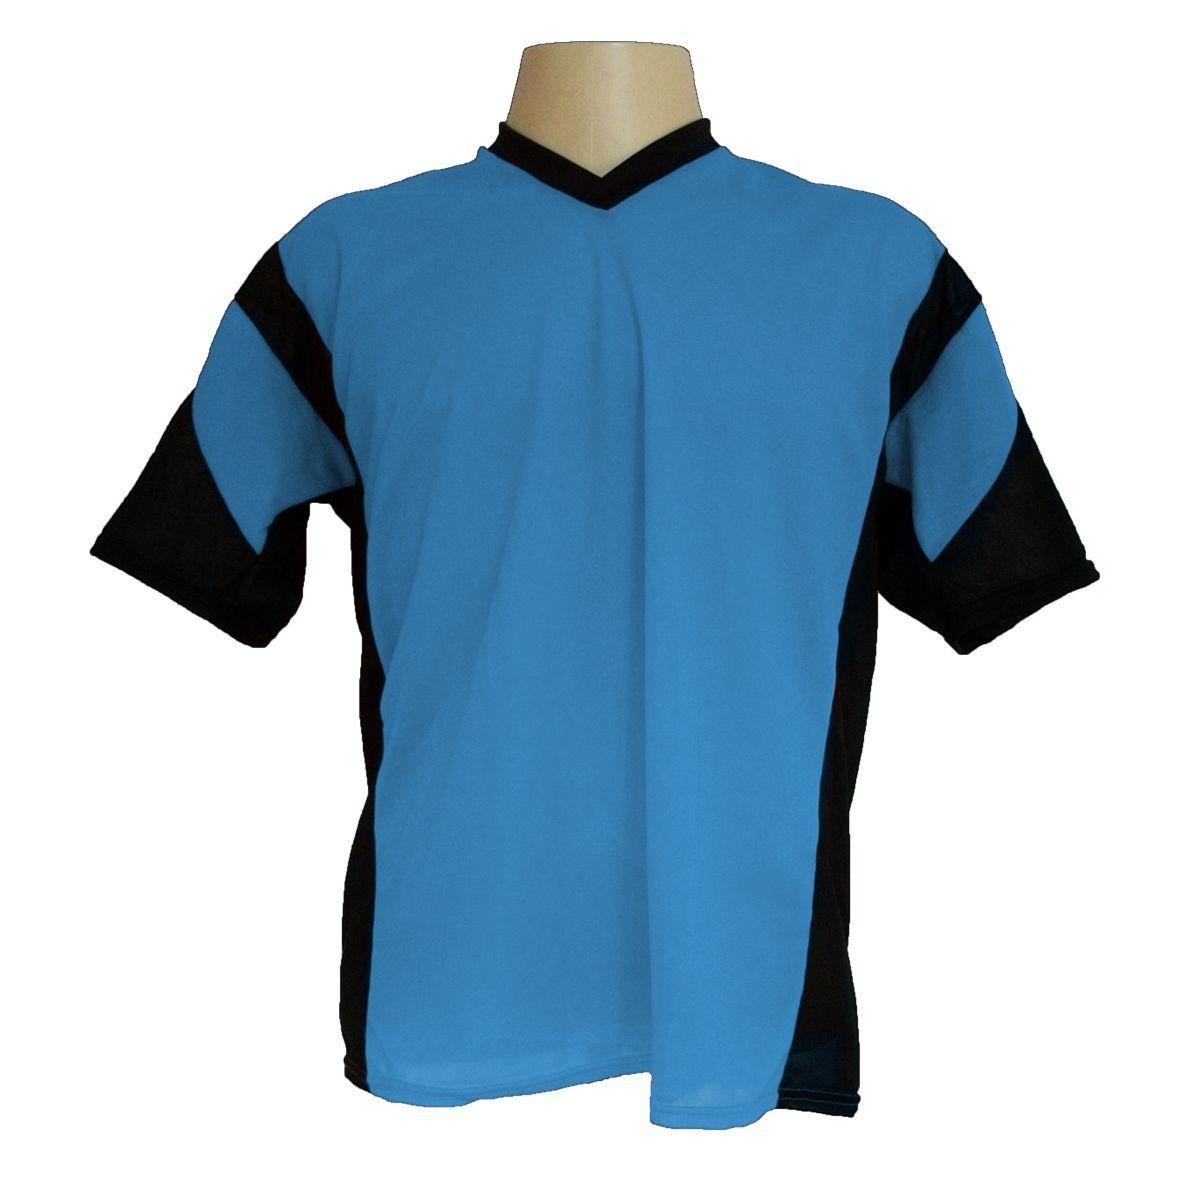 Jogo de Camisa Promocional com 18 Peças Numeradas Modelo Attack Celeste/Preto